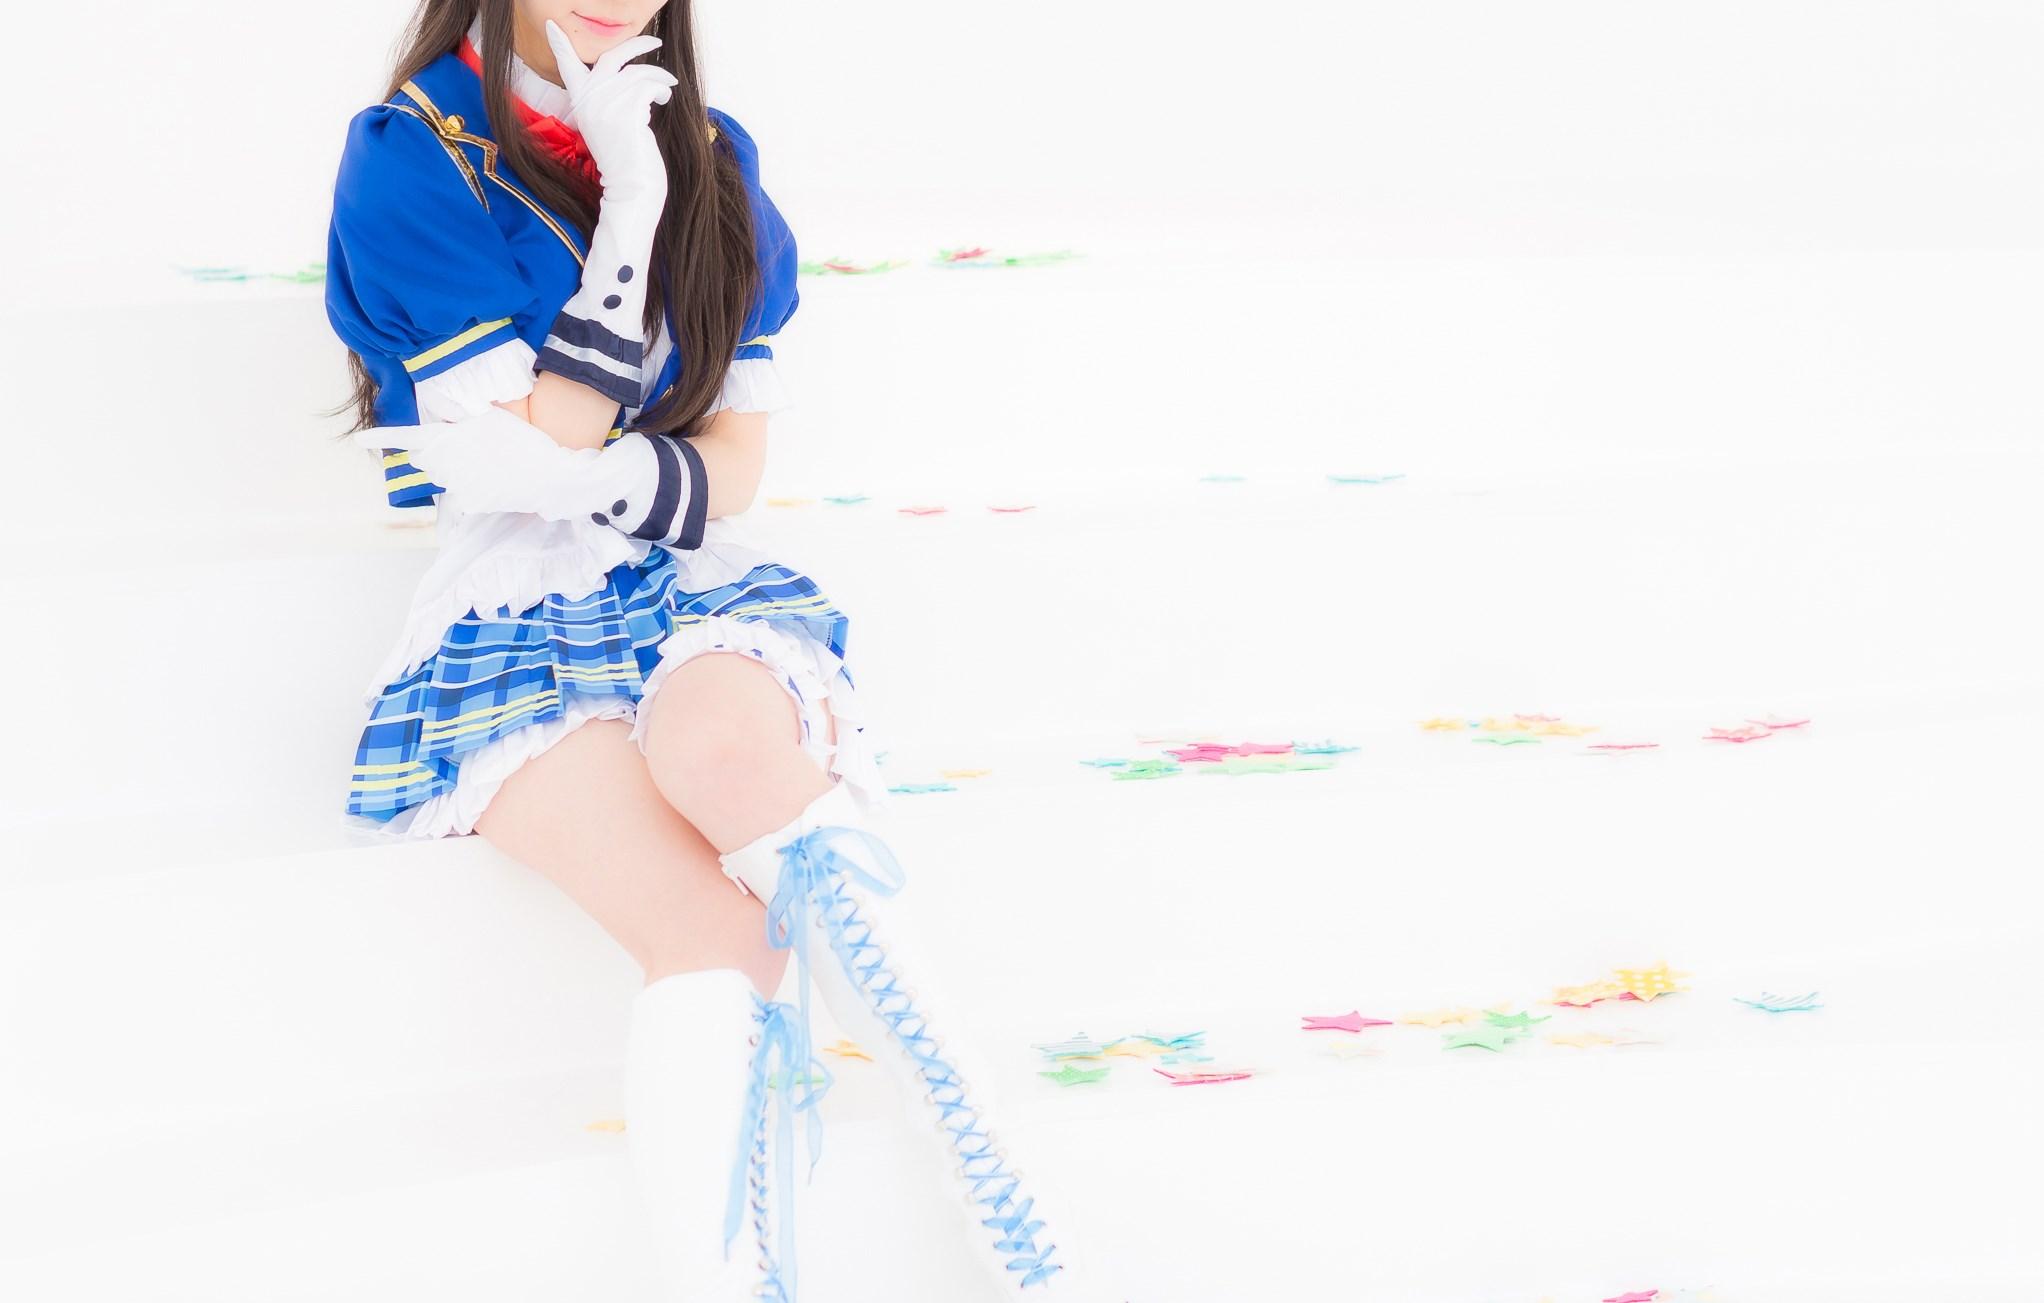 【兔玩映画】少女制服爱豆 兔玩映画 第16张